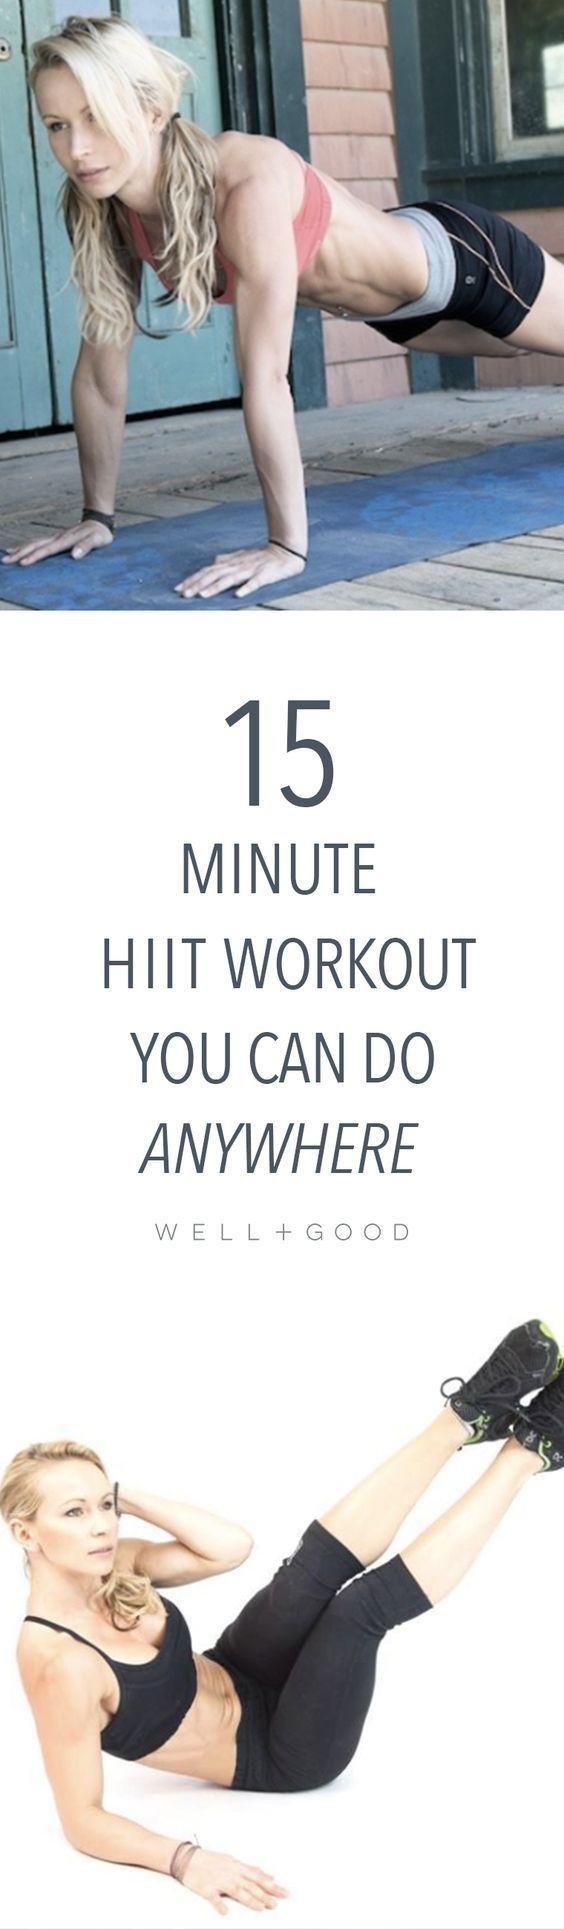 Zuka Light's 15 minute HIIT workout